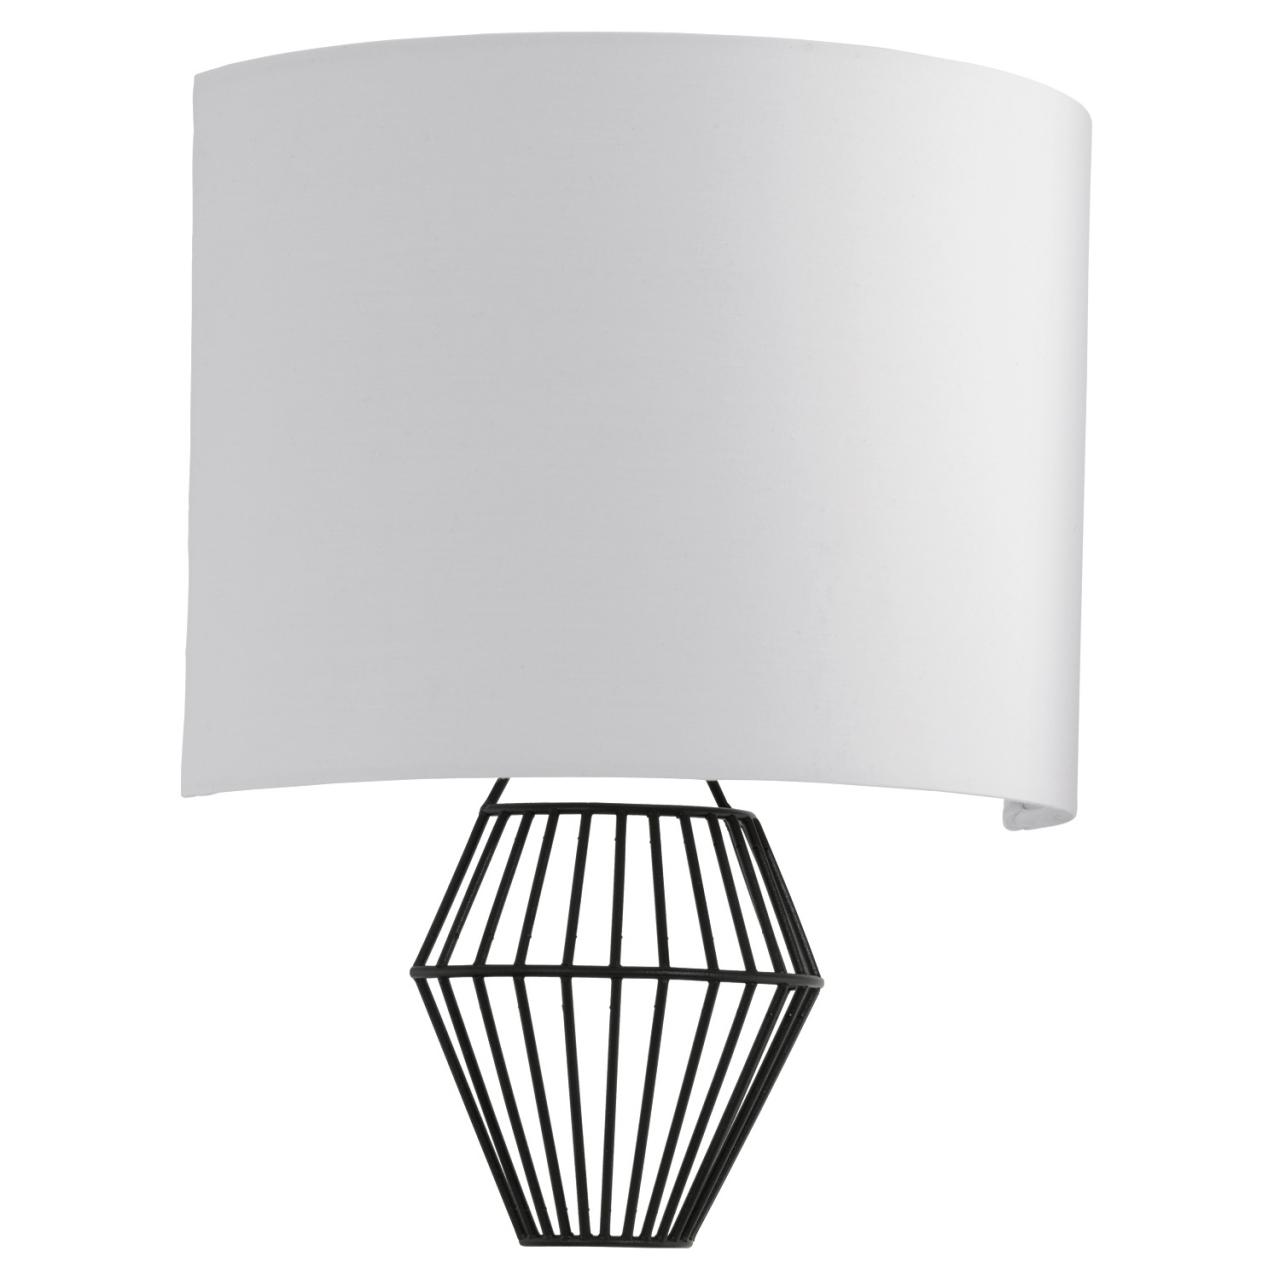 Светильник настенно-потолочный EgloНастенные светильники и бра<br>Назначение светильника: для комнаты,<br>Стиль светильника: модерн,<br>Материал светильника: металл, ткань,<br>Тип лампы: светодиодная,<br>Количество ламп: 2,<br>Мощность: 2.5,<br>Патрон: LED,<br>Цвет арматуры: черный,<br>Длина (мм): 250,<br>Ширина: 310,<br>Вес нетто: 0.627<br>